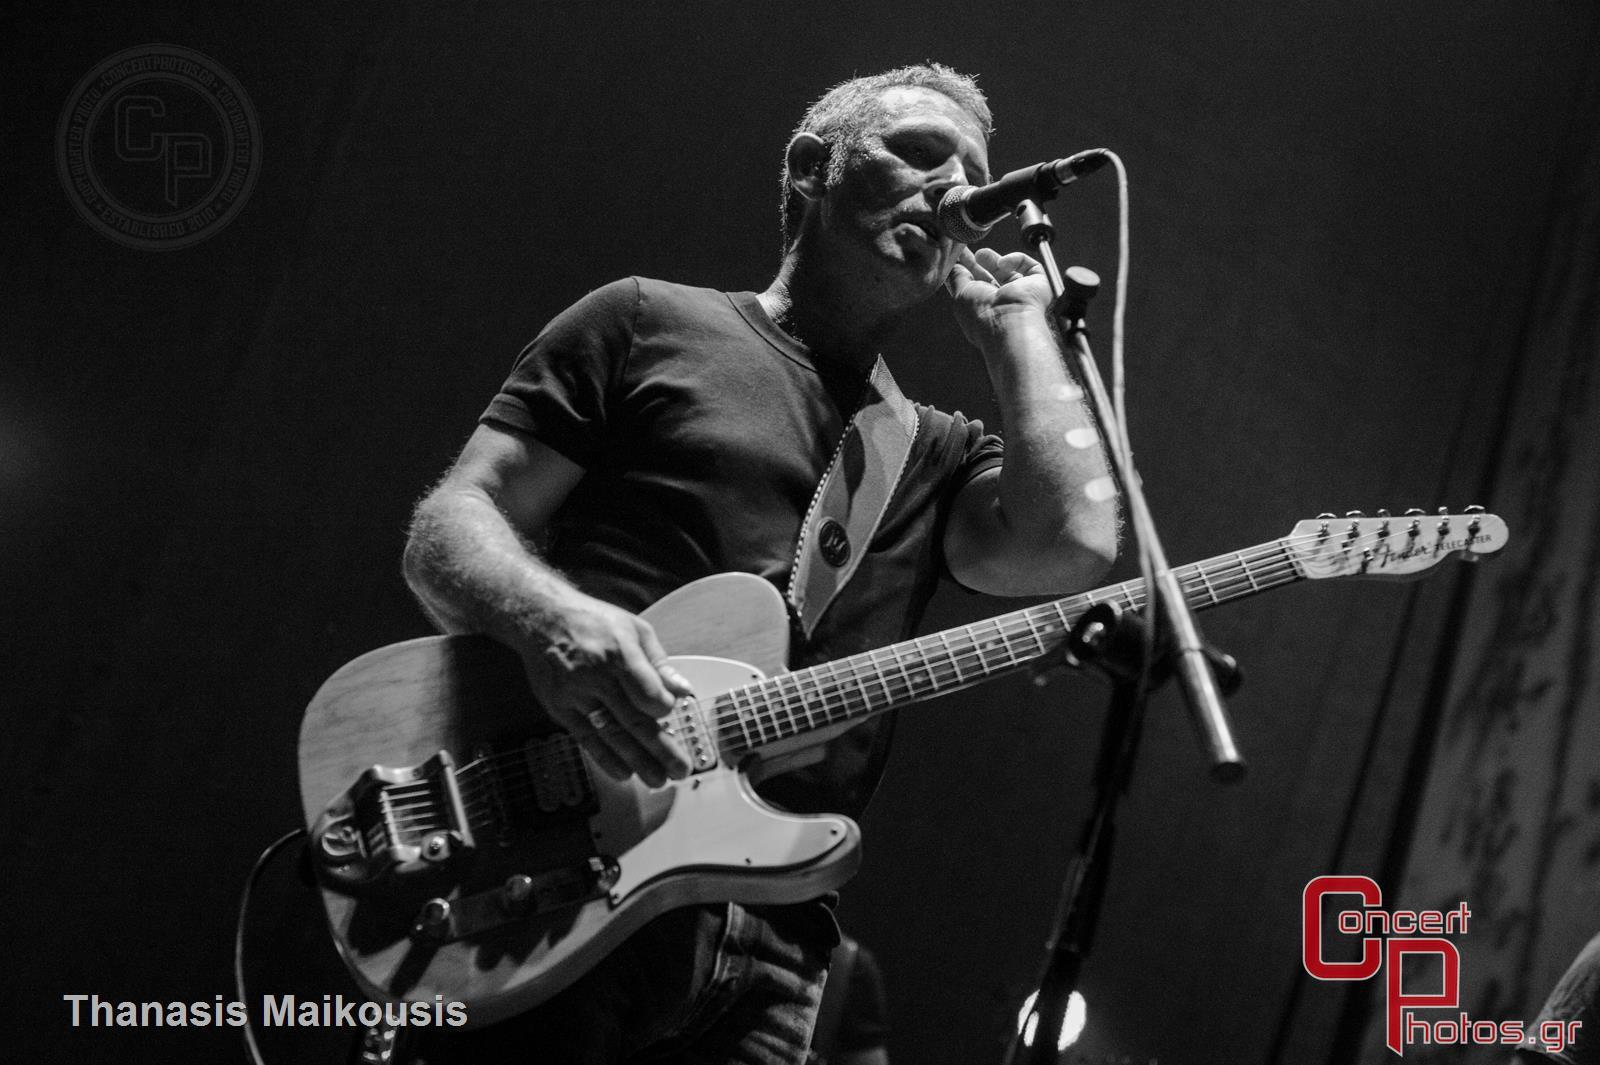 Παύλος Παυλίδης-Pavlidis-stage-volume1 photographer: Thanasis Maikousis - concertphotos_20140611_22_06_10